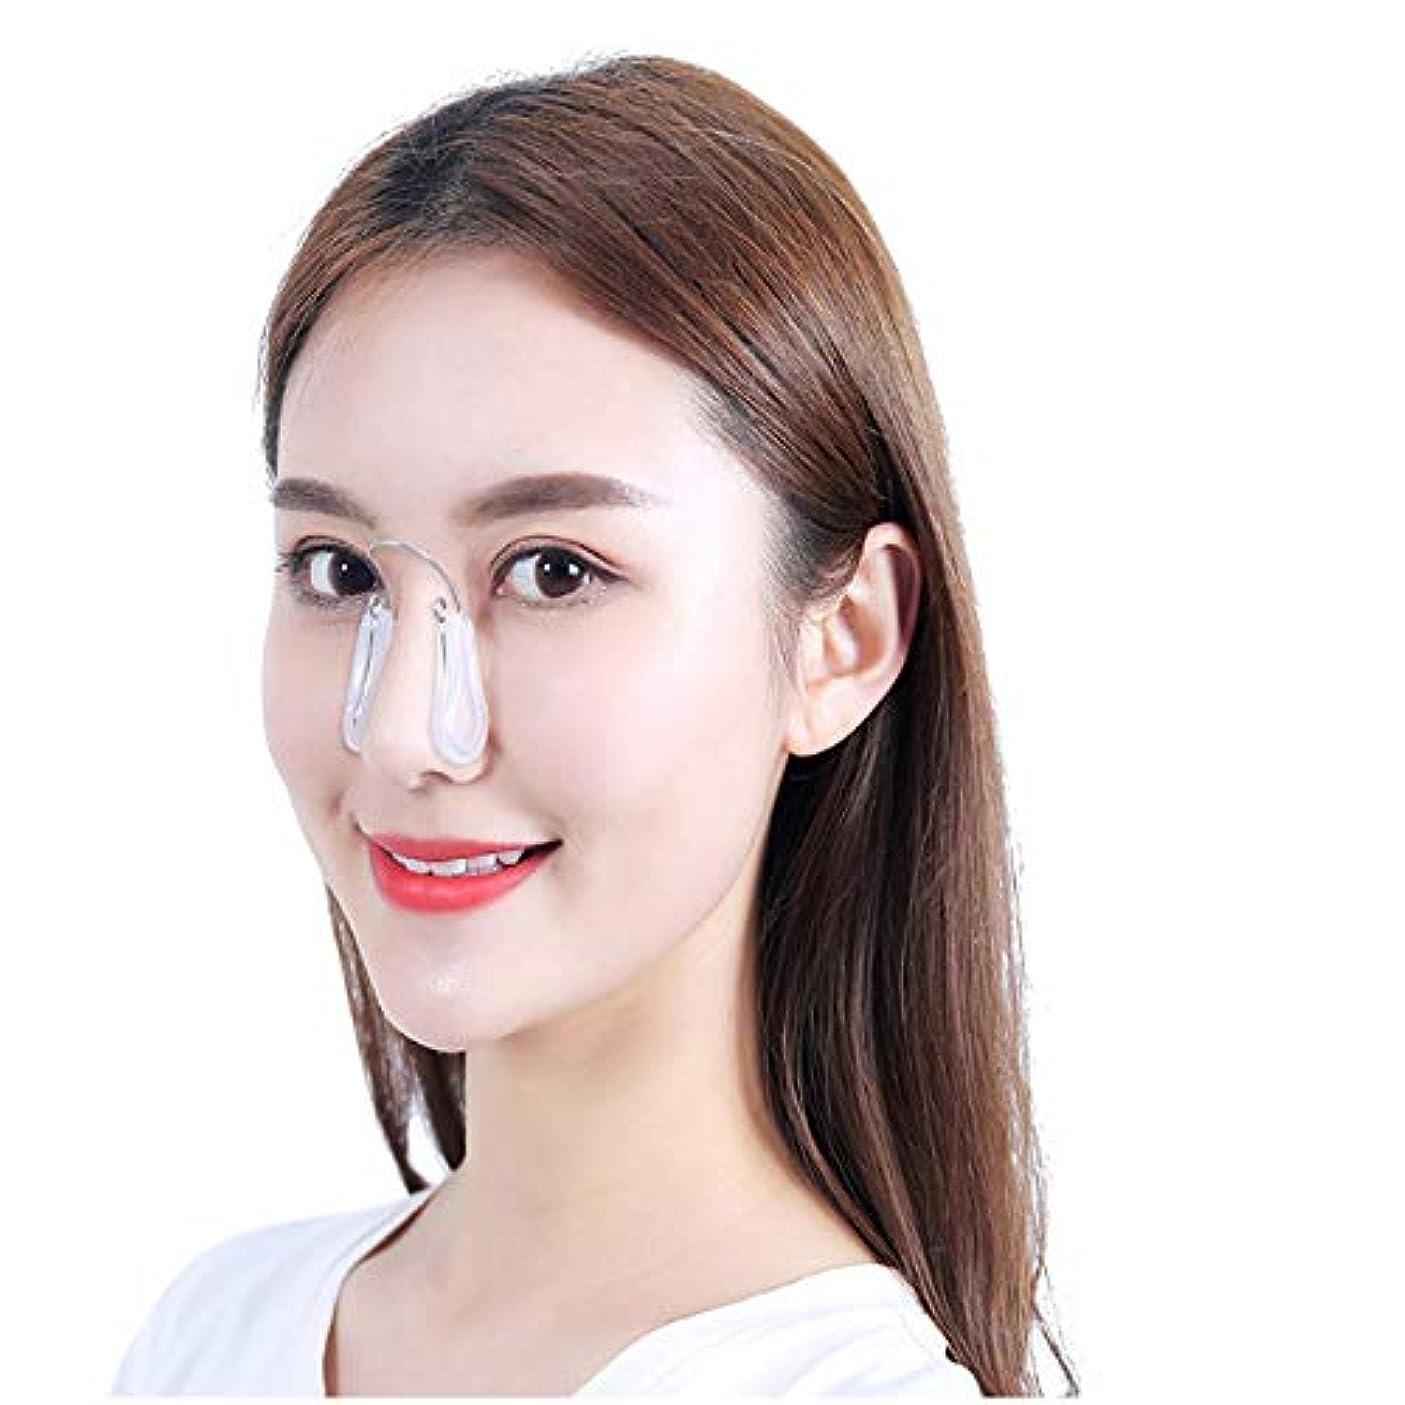 甘味チート球体GOIOD 美鼻ケア 鼻 人工鼻 増強美容 鼻のデバイスシリコンクリップ 鼻筋矯正 簡単美鼻ケア